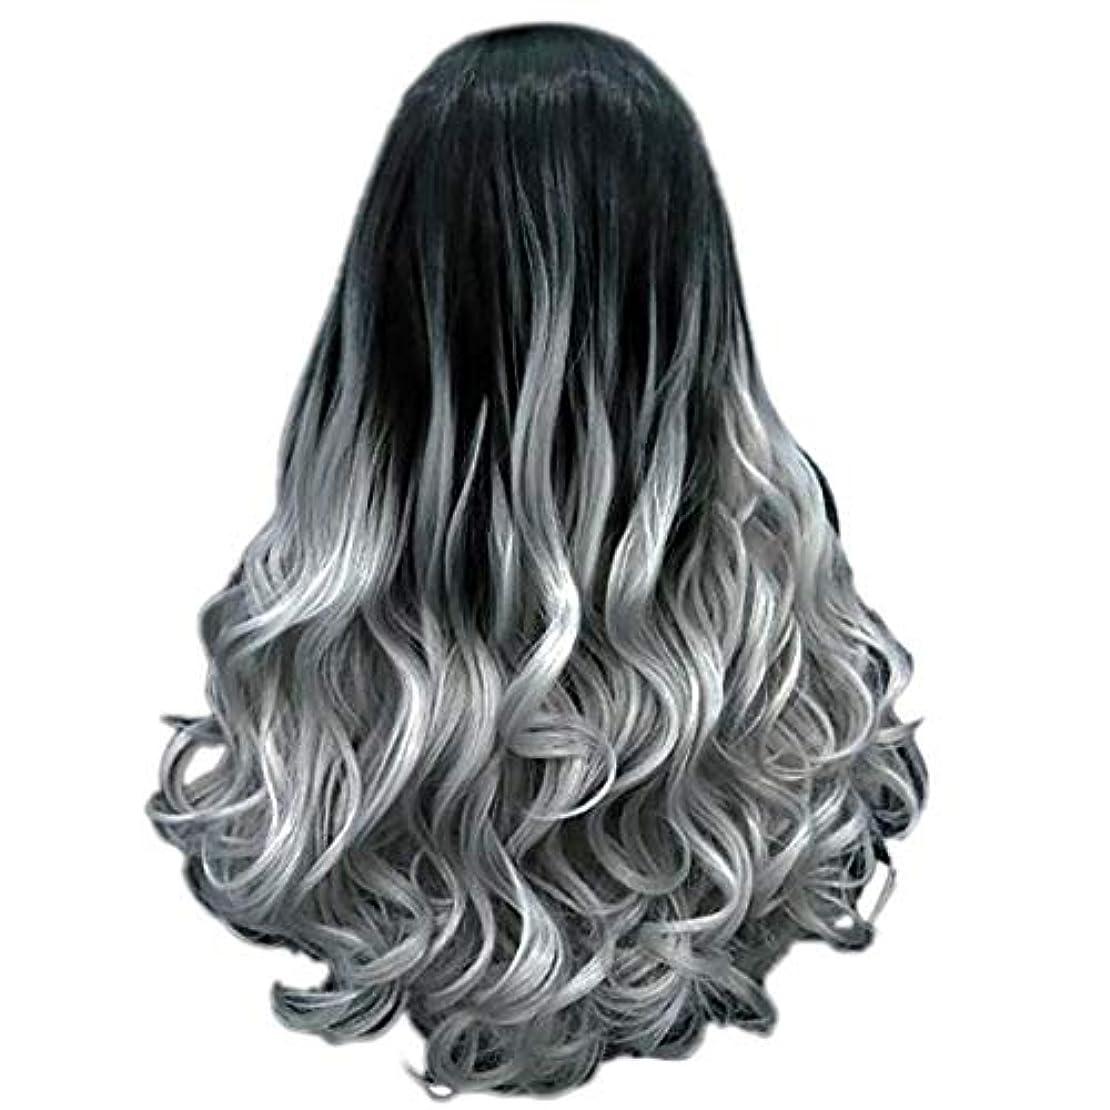 人物潮フォロー女性の長い巻き毛のファッションセクシーなかつら70 cmをかつら